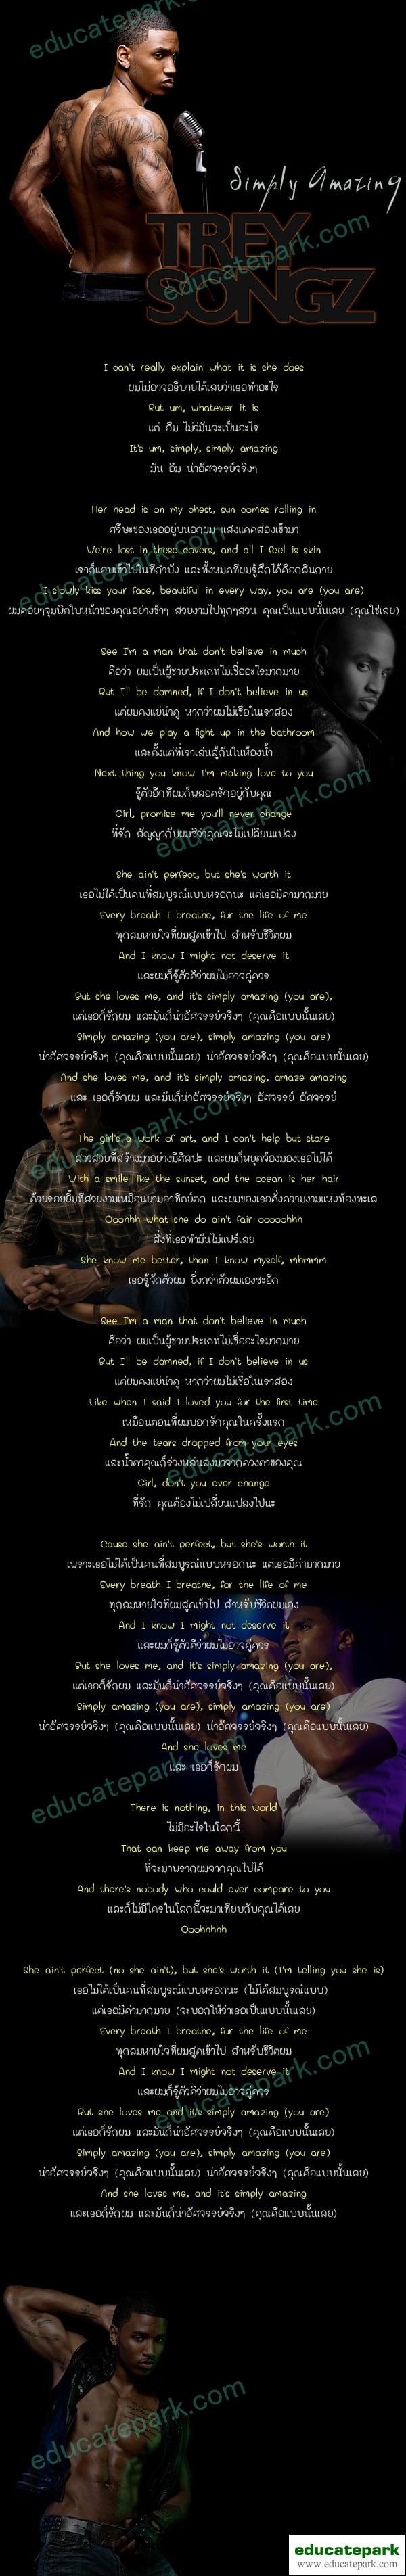 แปลเพลง Simply Amazing - Trey Songz